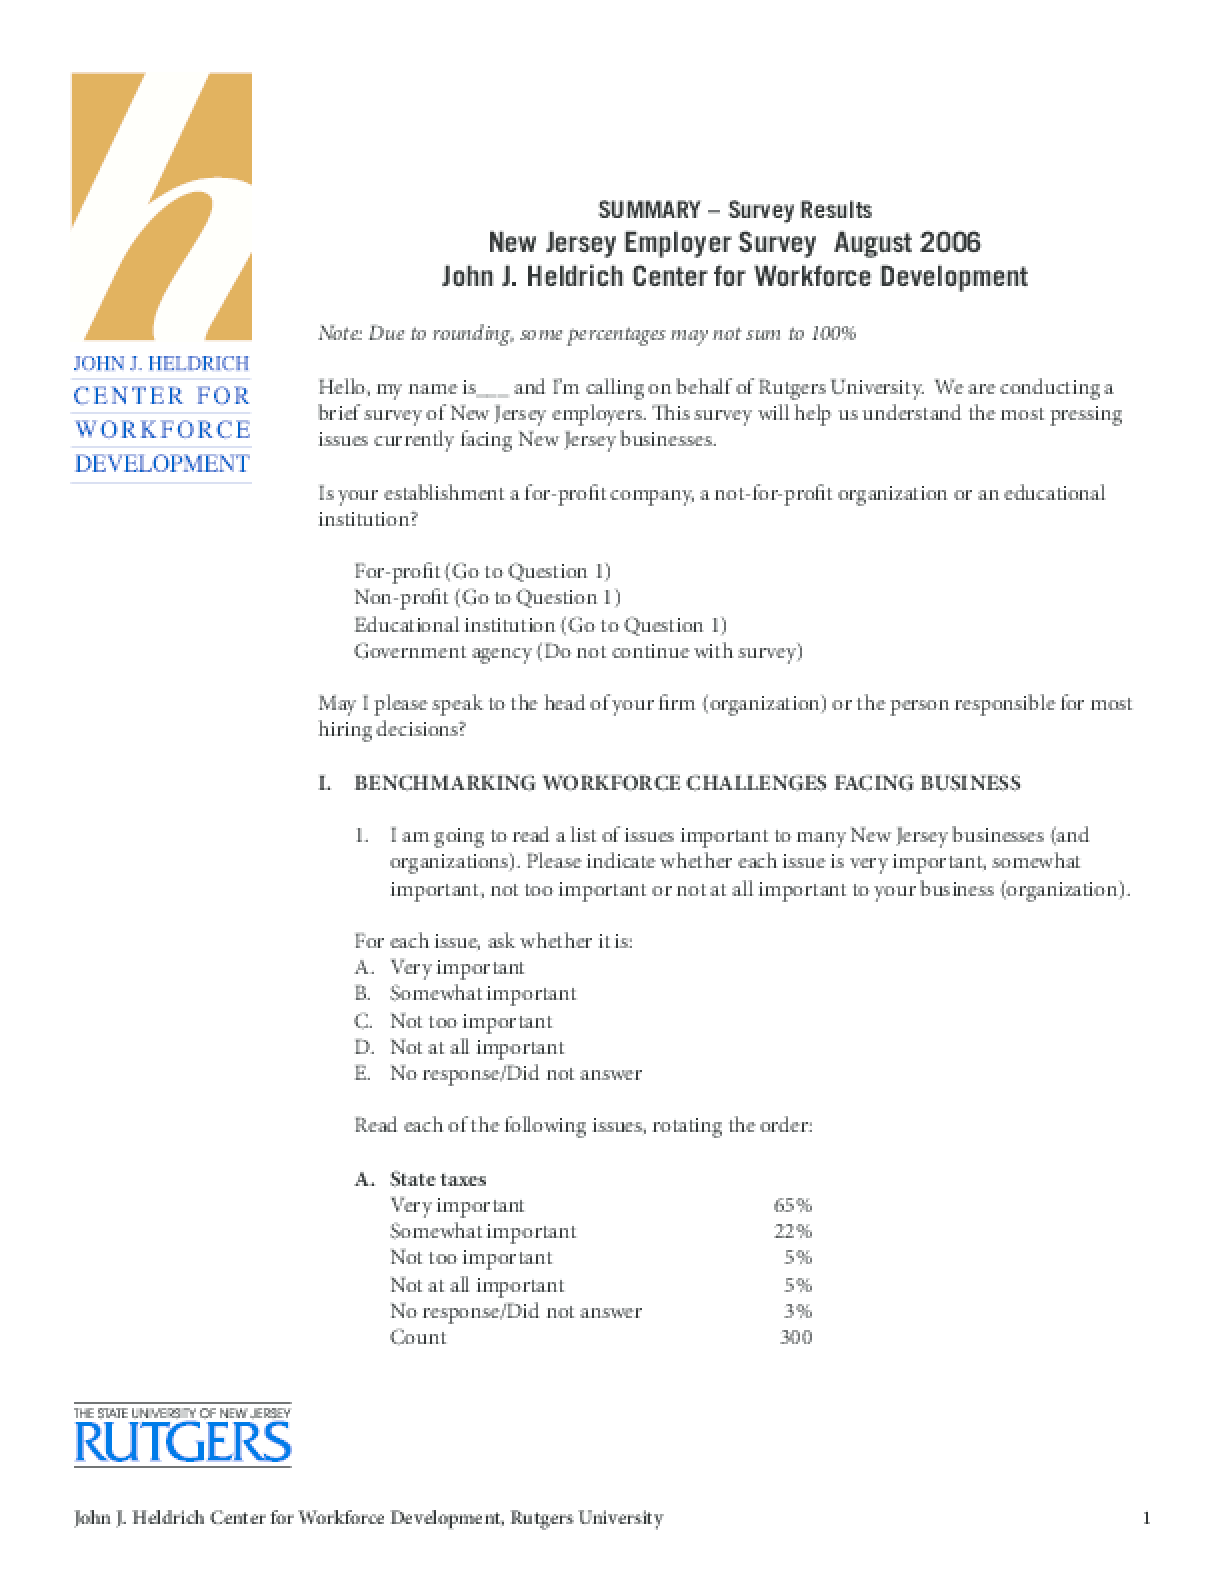 Heldrich Center 2006 Employer Survey Results